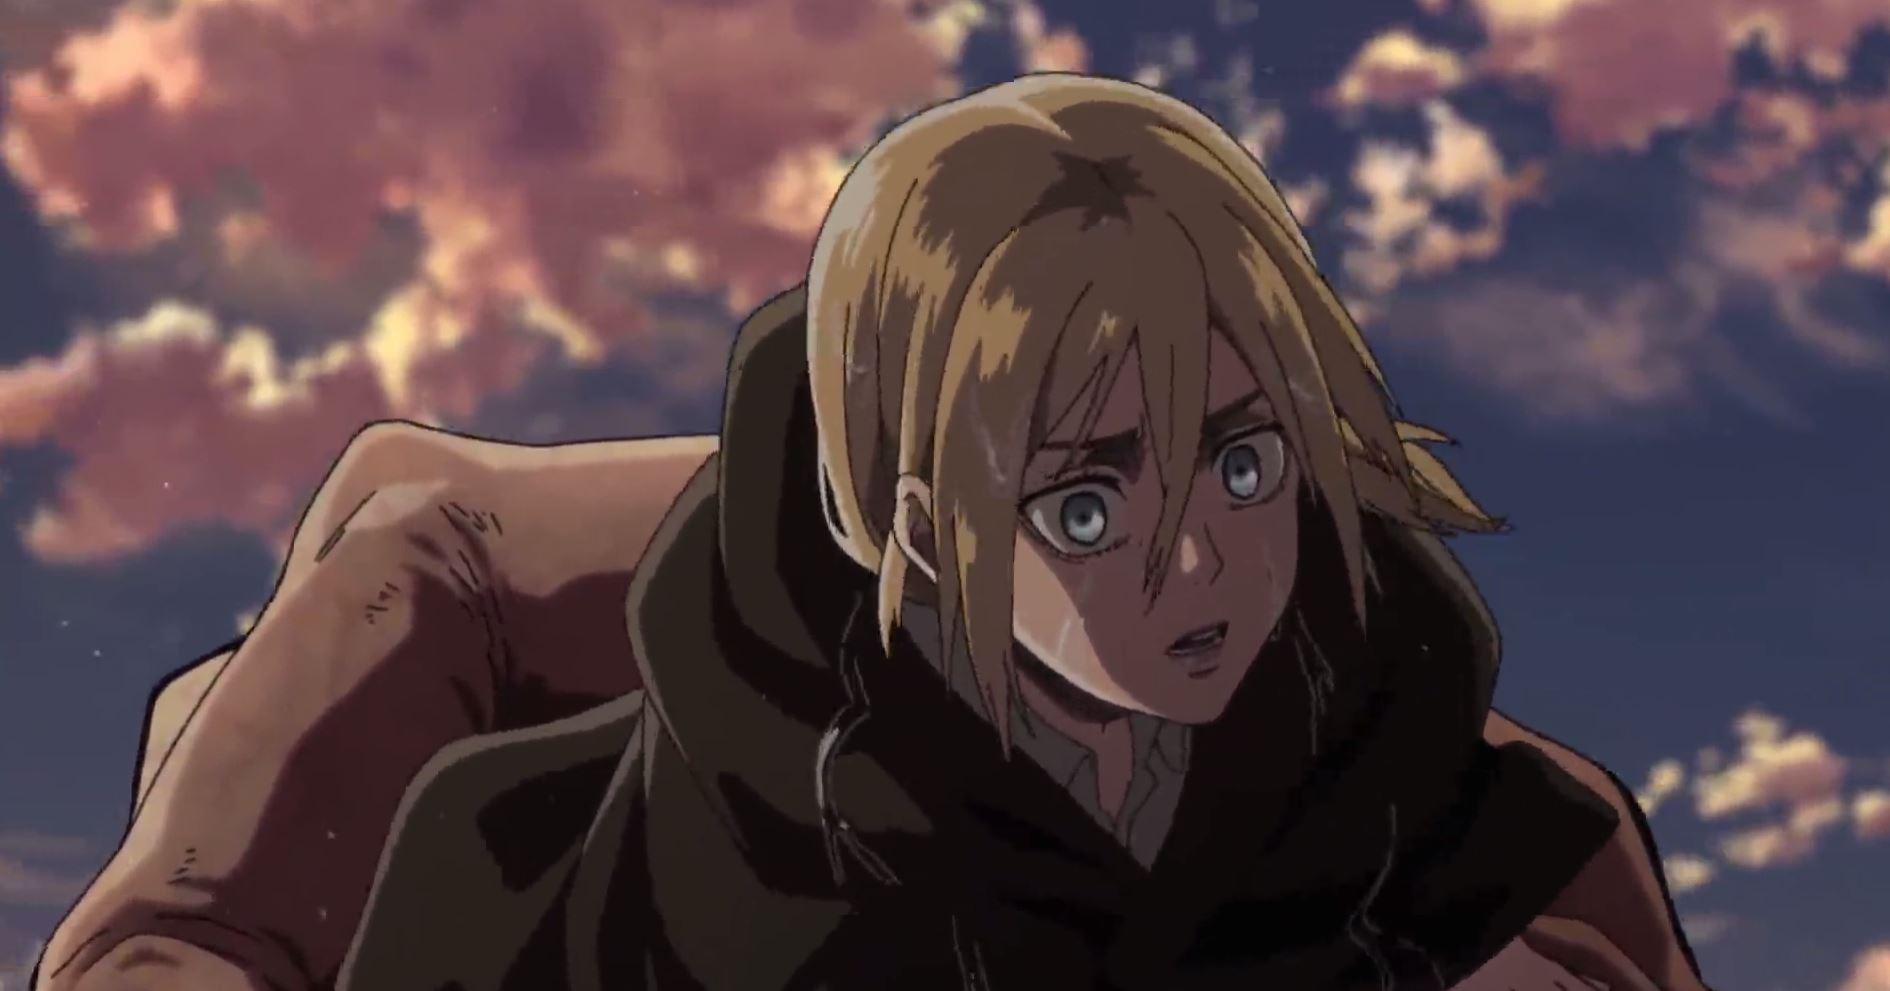 Attack on Titan Season 2, Episode 11 Review - Otaku Orbit